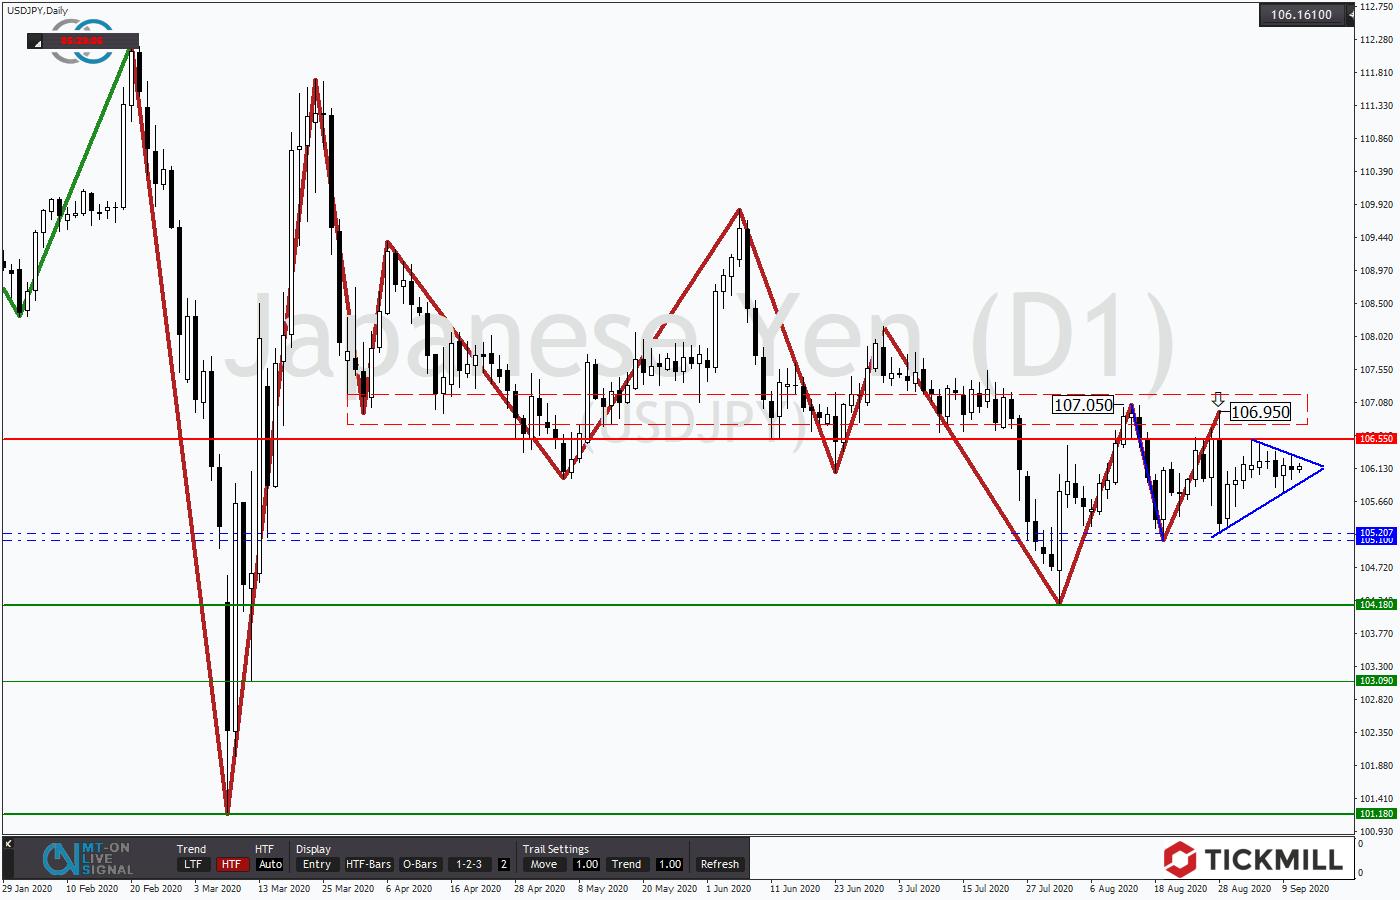 Tickmill-Analyse: Dreieck im USDJPY